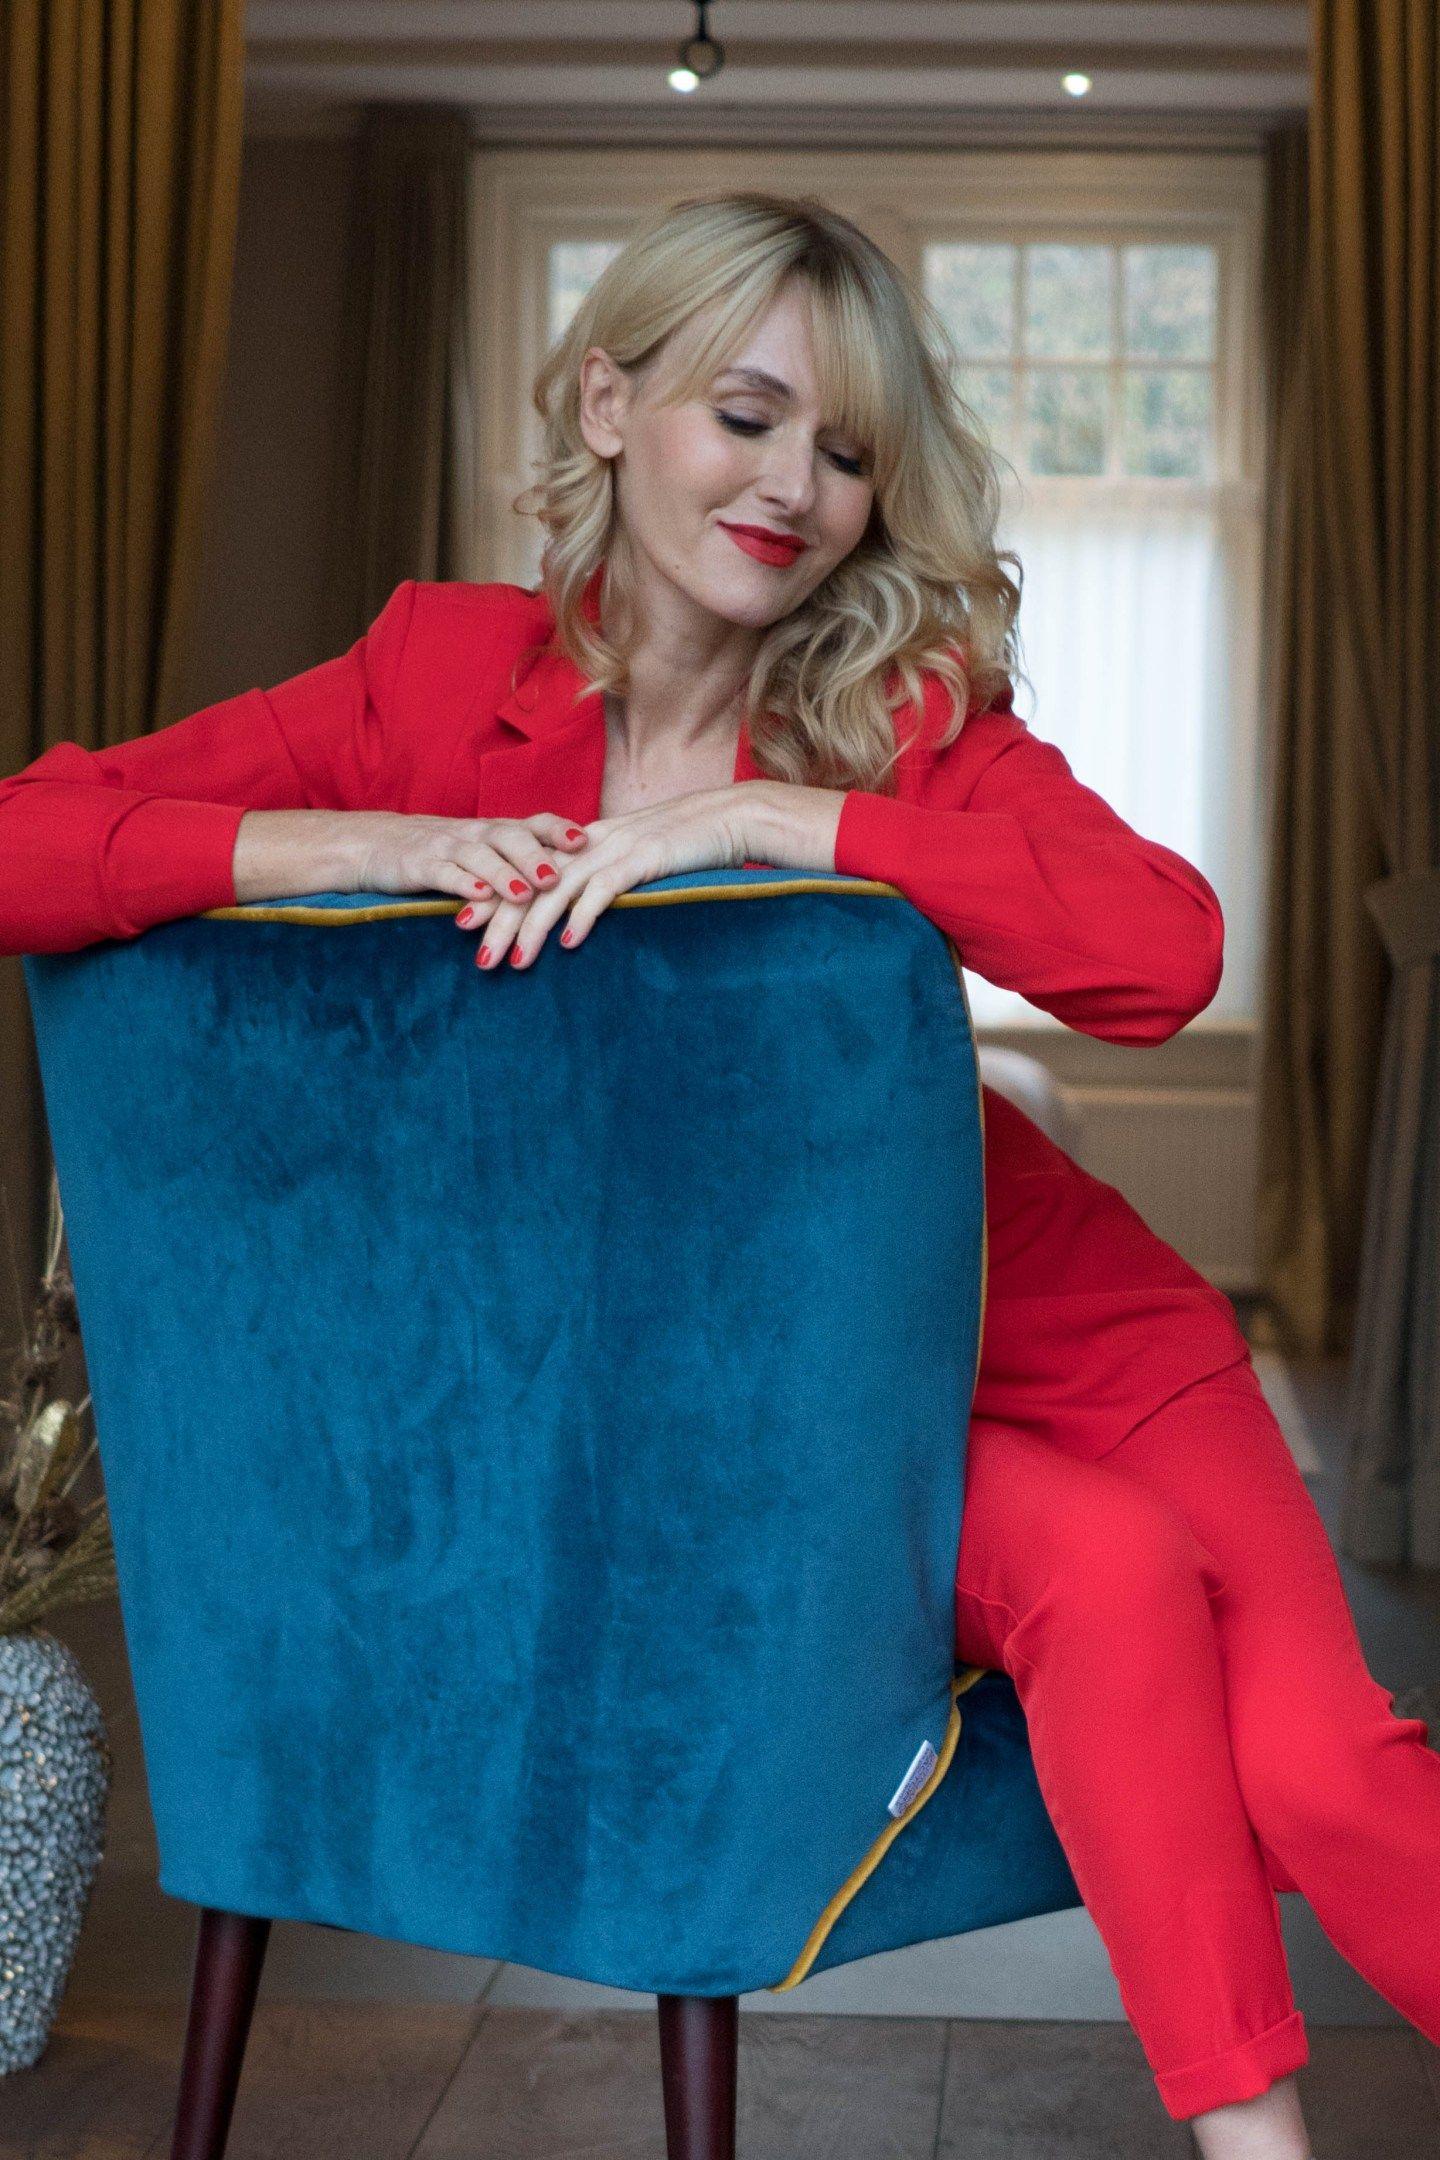 roter hosenanzug mit strass von wenz, outfit für weihnachten